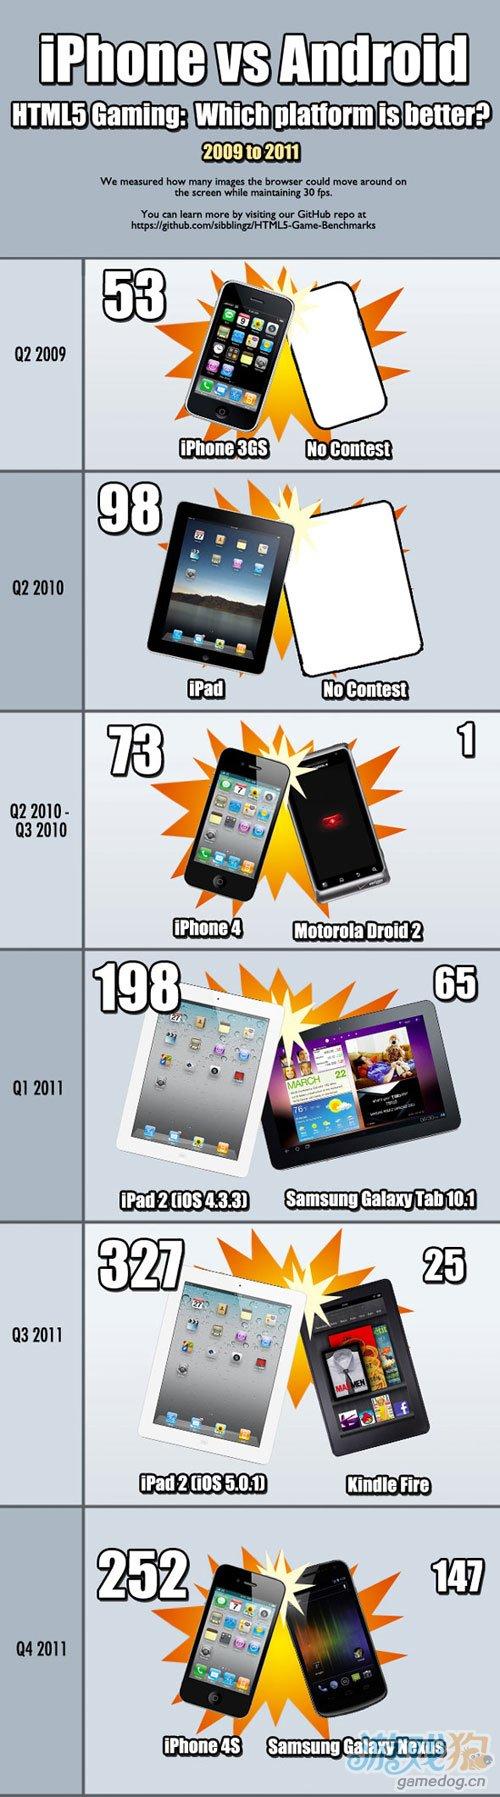 HTML 5游戏速度跨平台测试 iOS三倍于Android